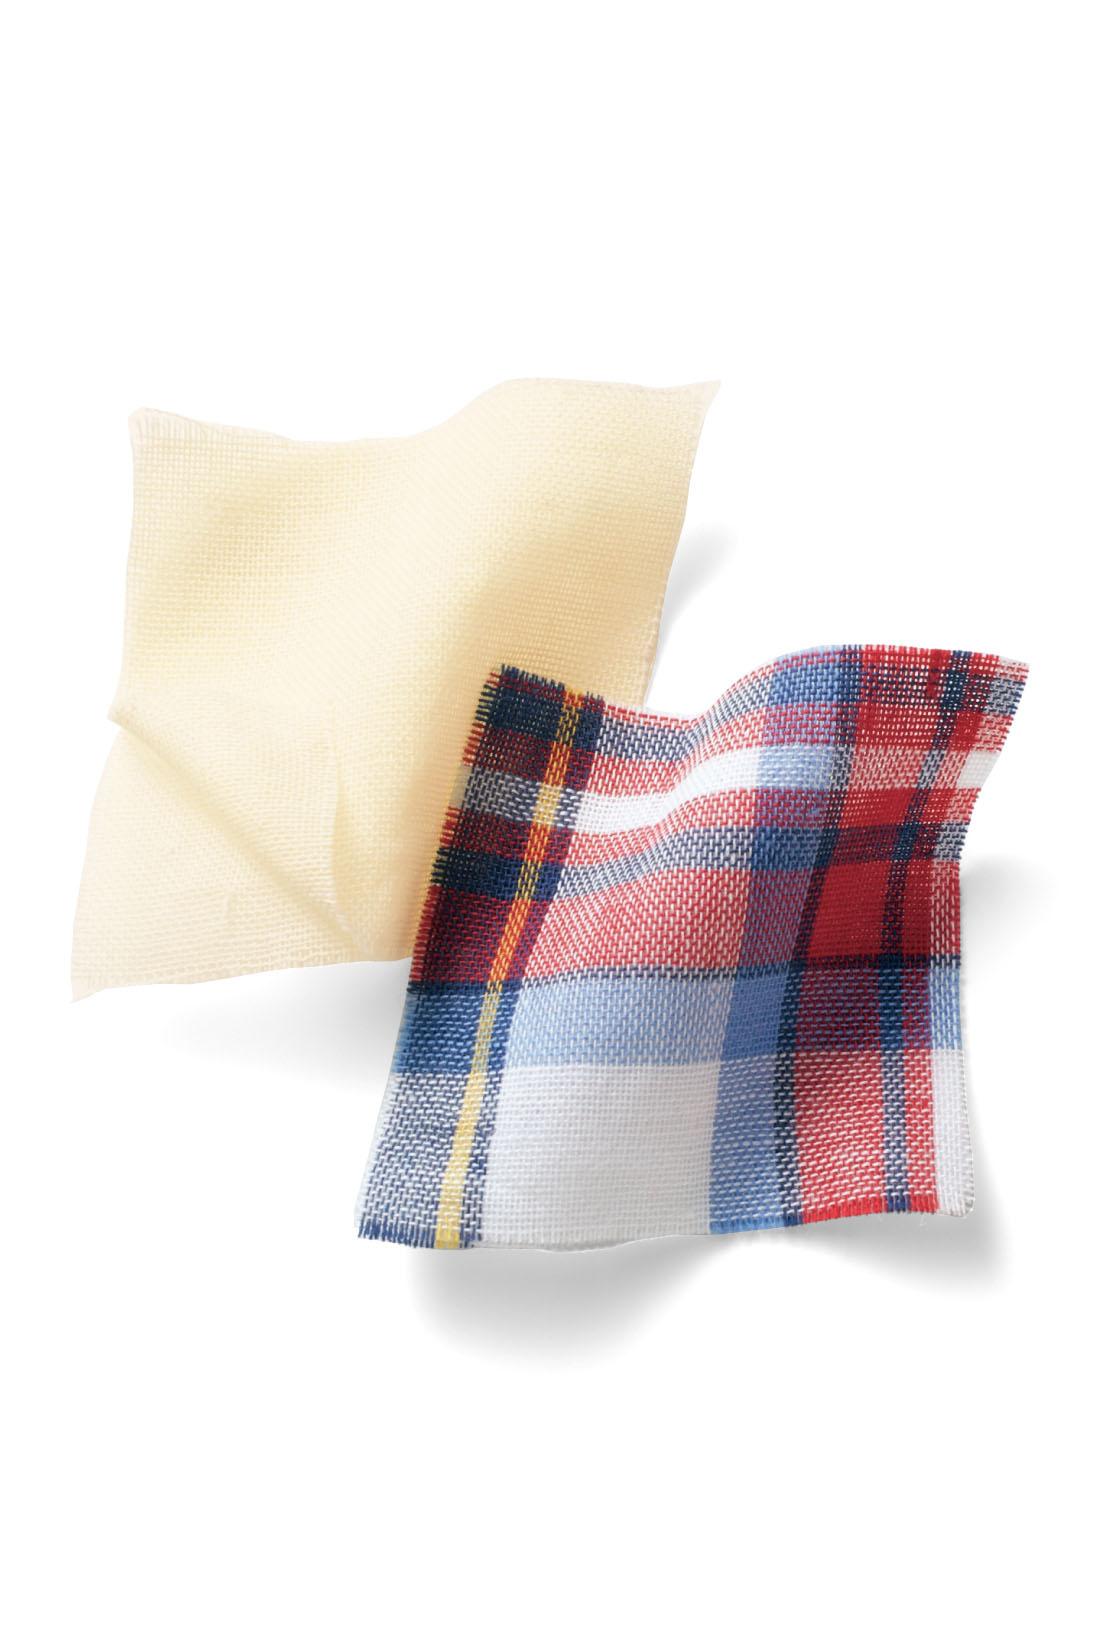 ガーゼ素材を二層に重ねた綿100% のダブルガーゼは、空気を含んだようなふっくらとした肌ざわりが特長。ノンアイロンでラフに着こなせるうえ、洗うほどに心地いい風合いに。 ※お届けするカラーとは異なります。